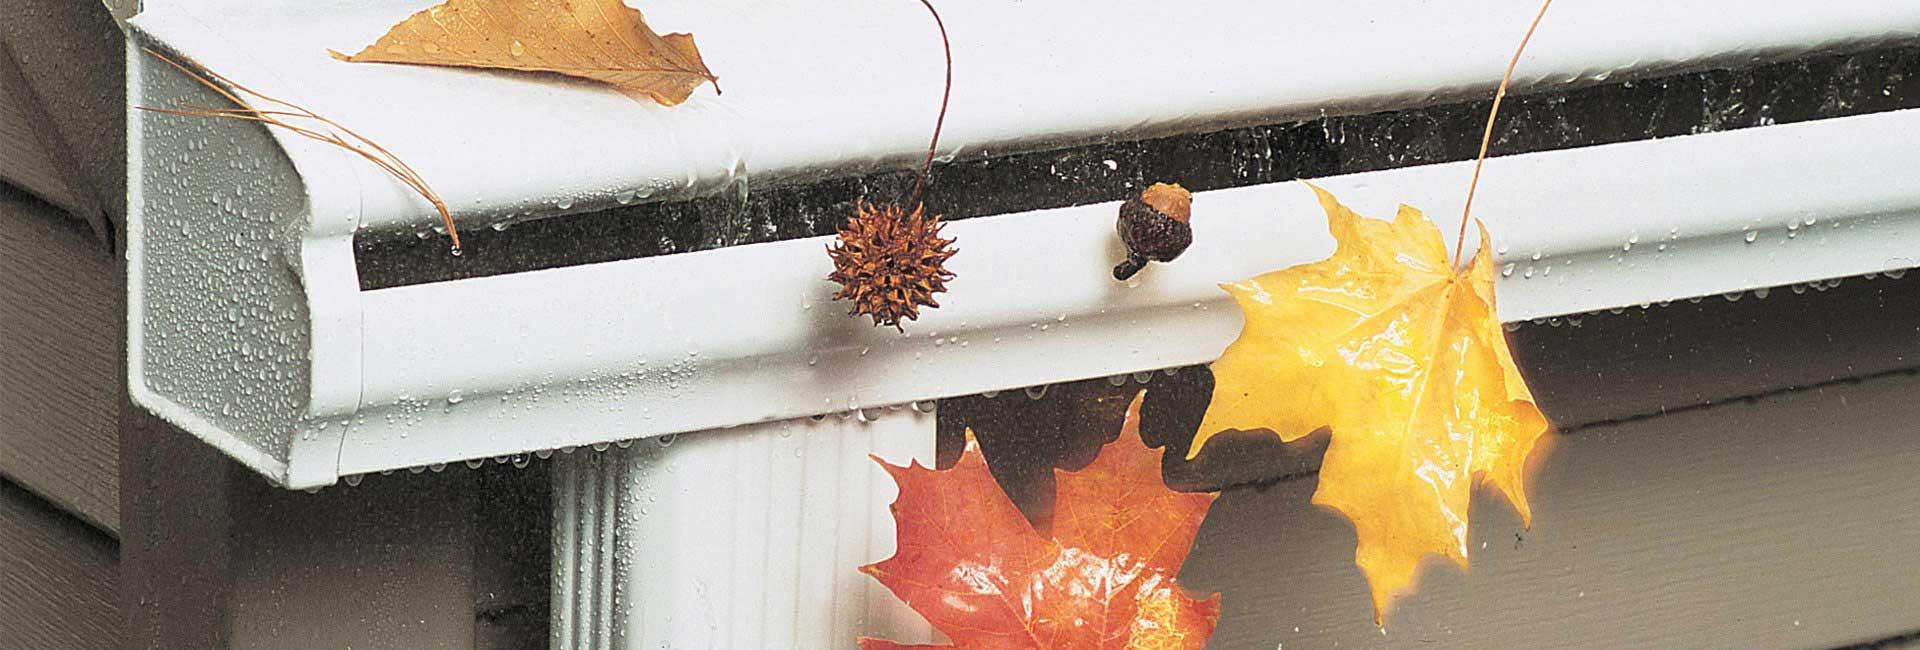 leaf filter gutter kitchener